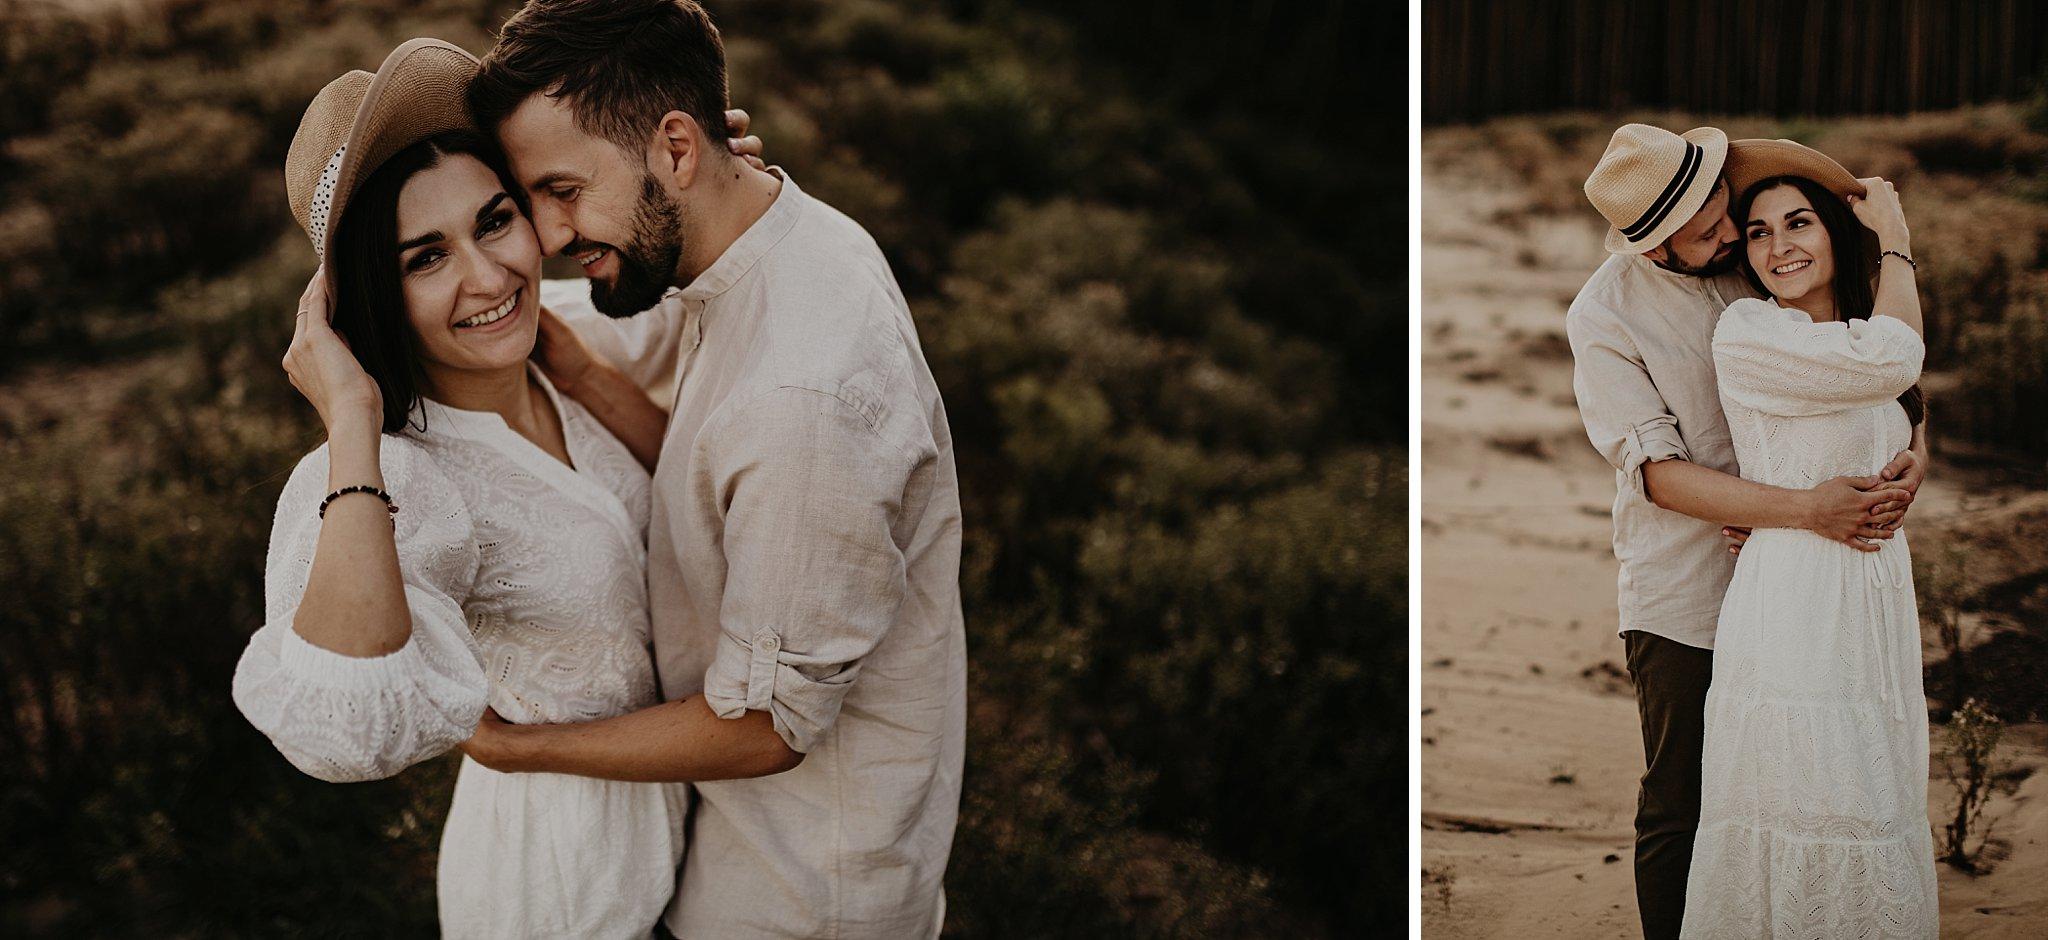 piekna sesja narzeczenska rustykalna romantyczna sesja na pustyni sesja zdjeciowa poznan krugphotography fotograf slubny z poznania fotografia slubna poznan 7400